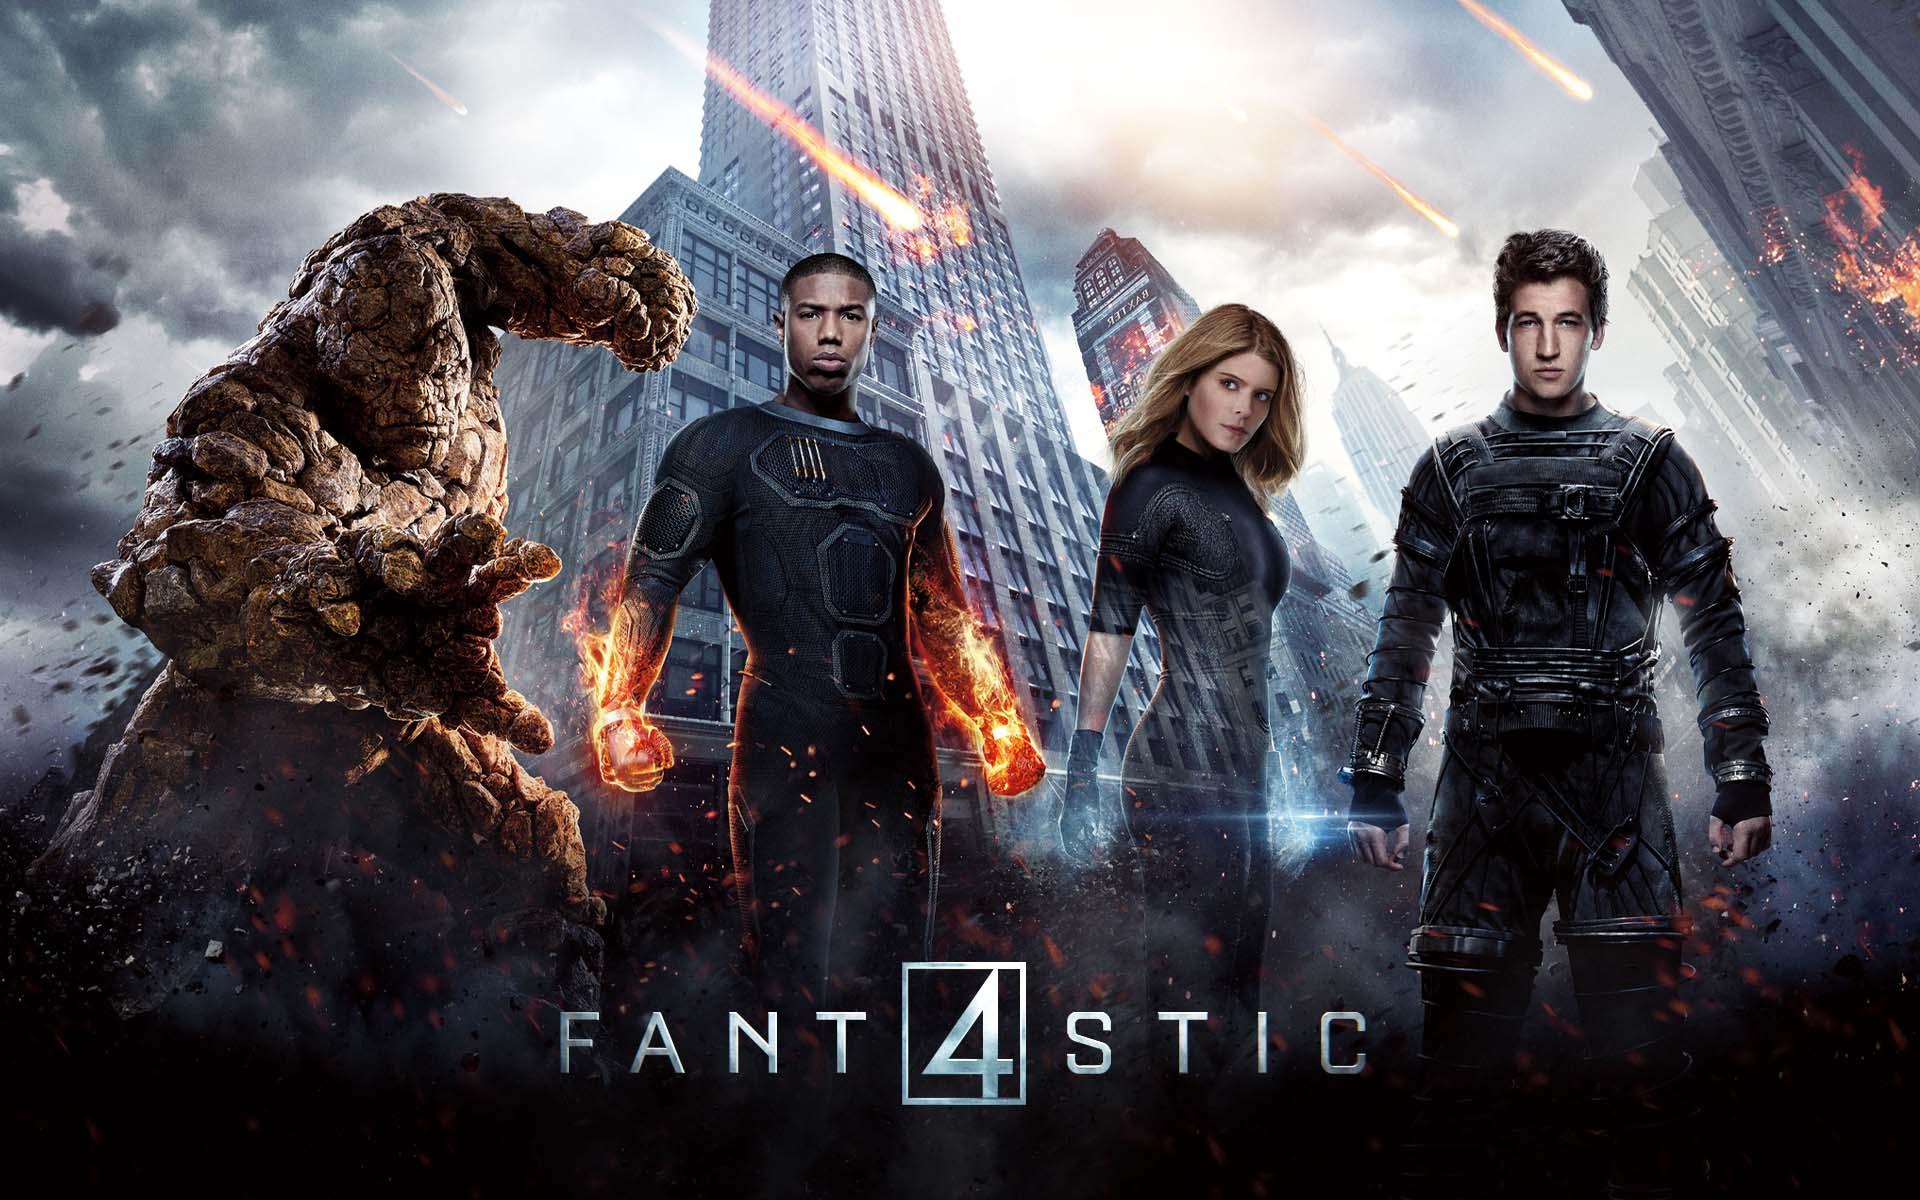 fantastic four movie reboot 2016